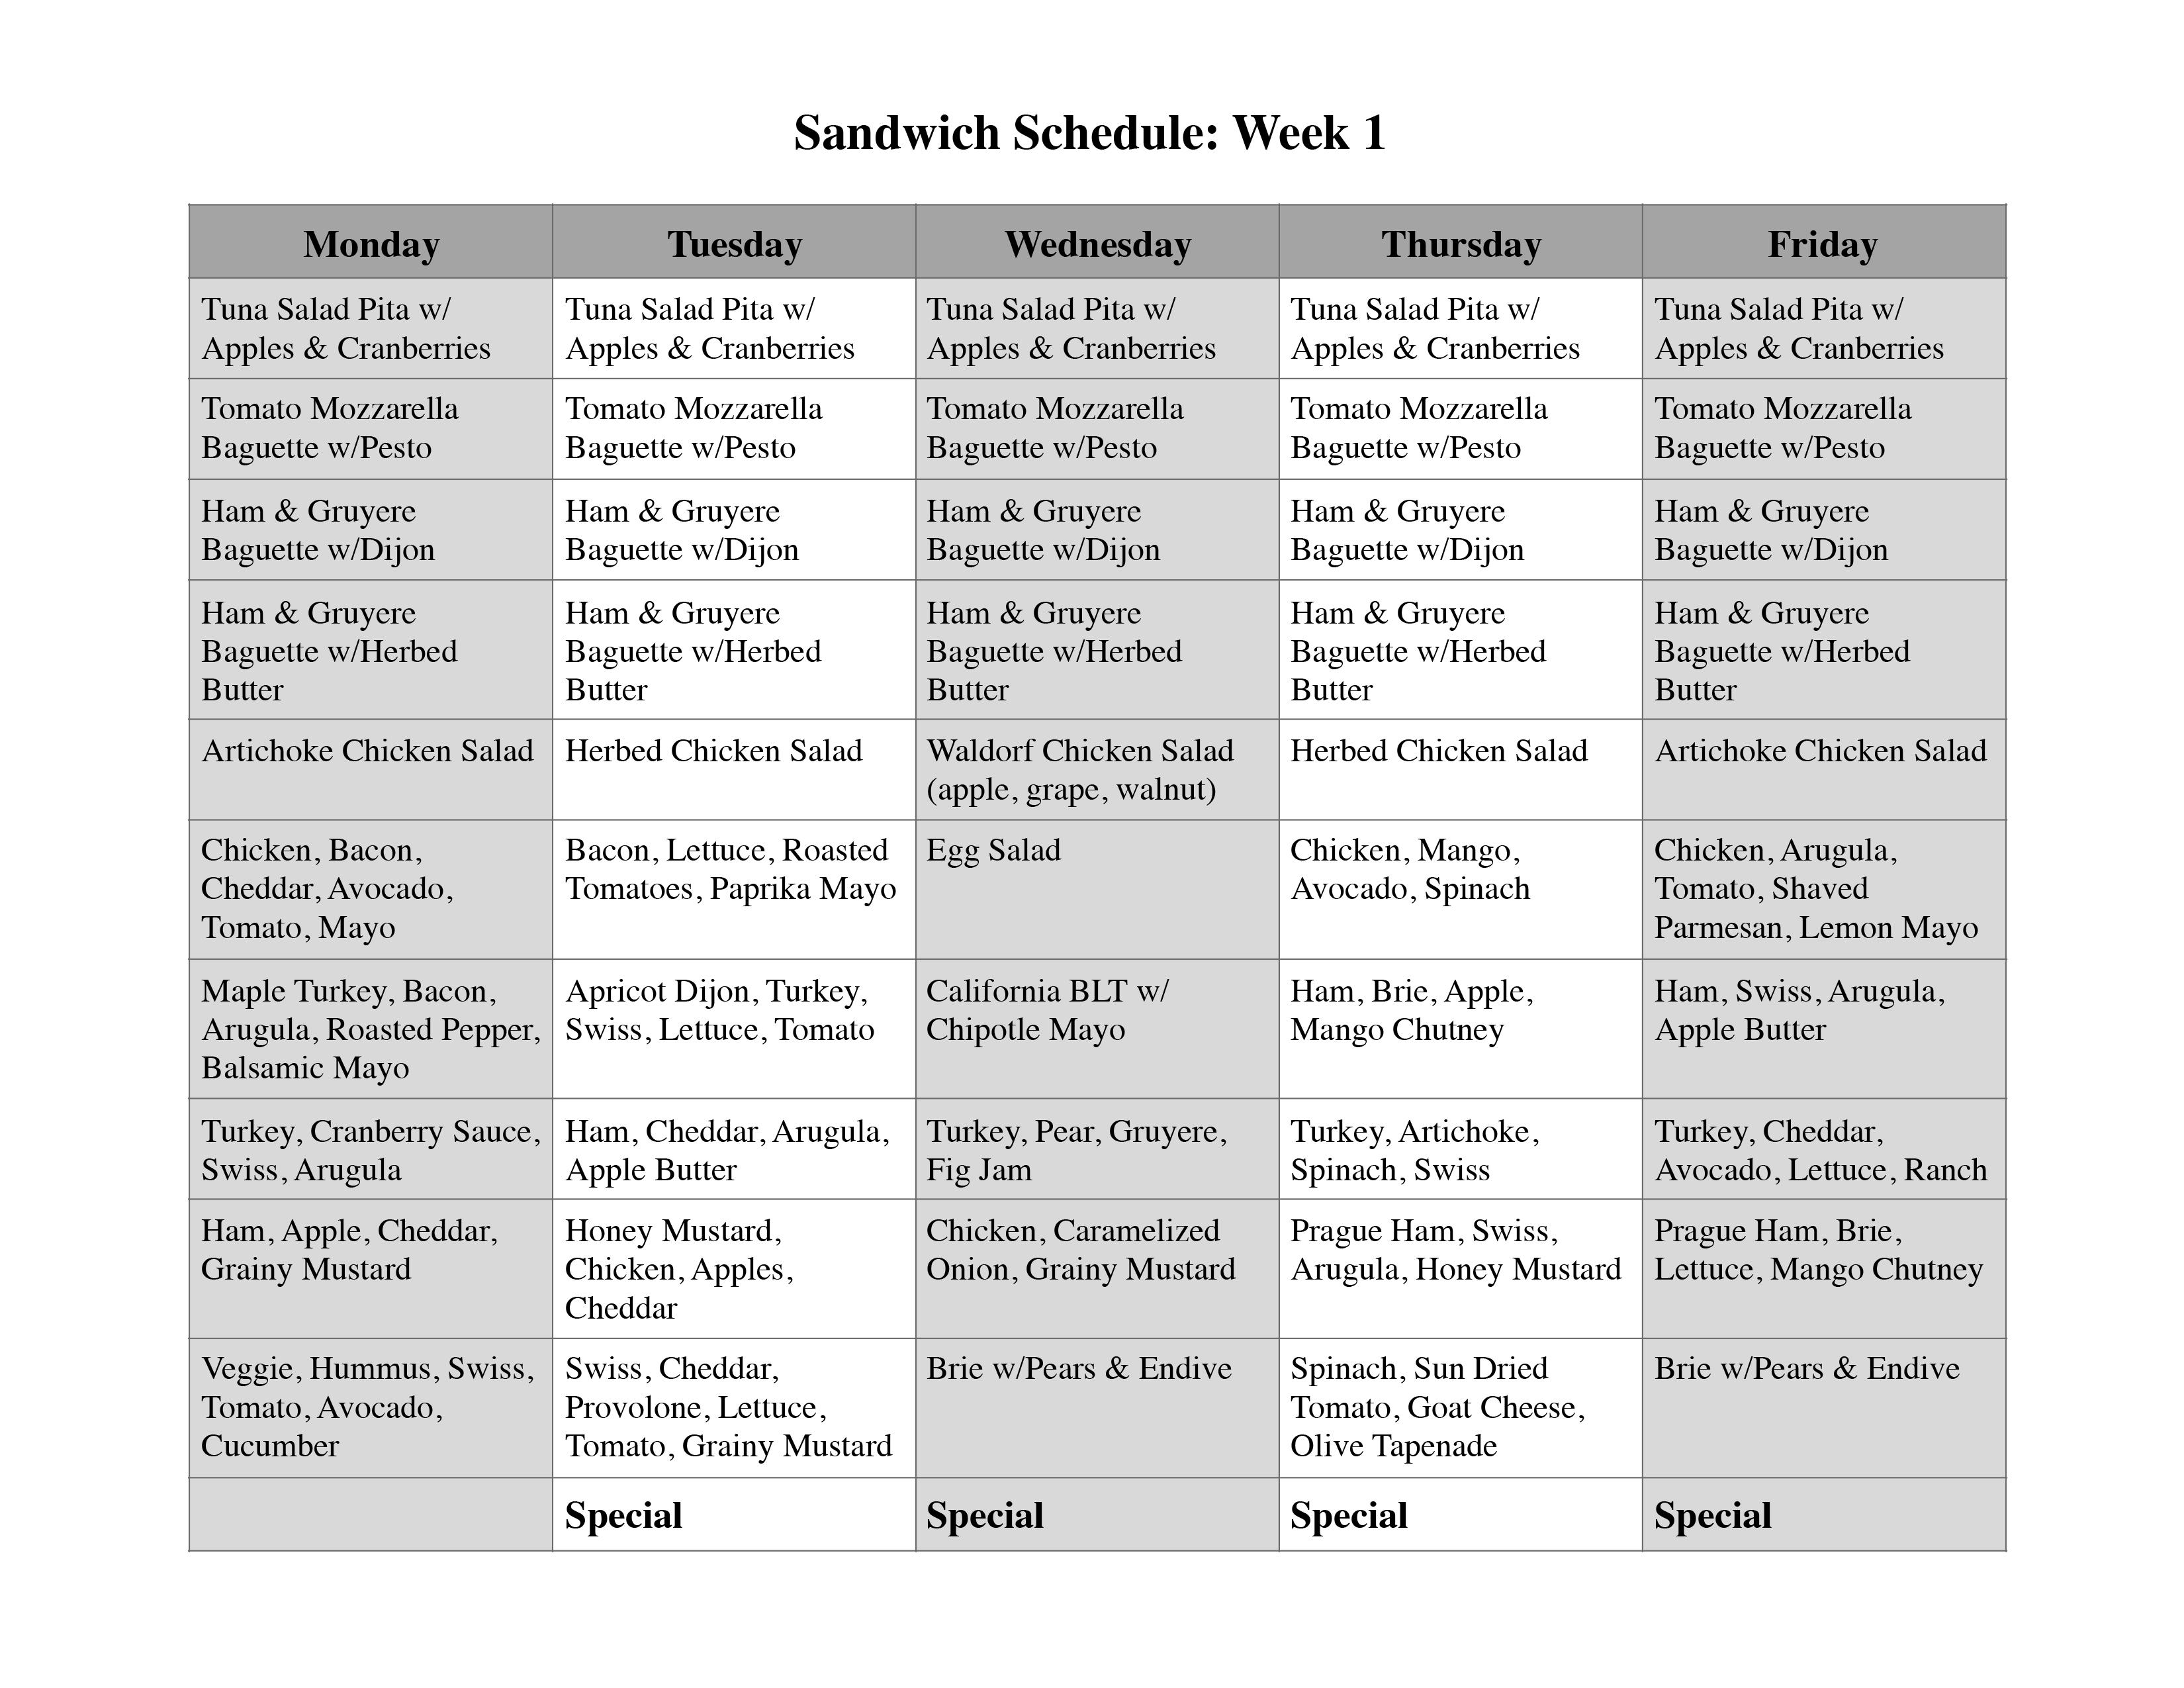 SandwichSchedule1-1